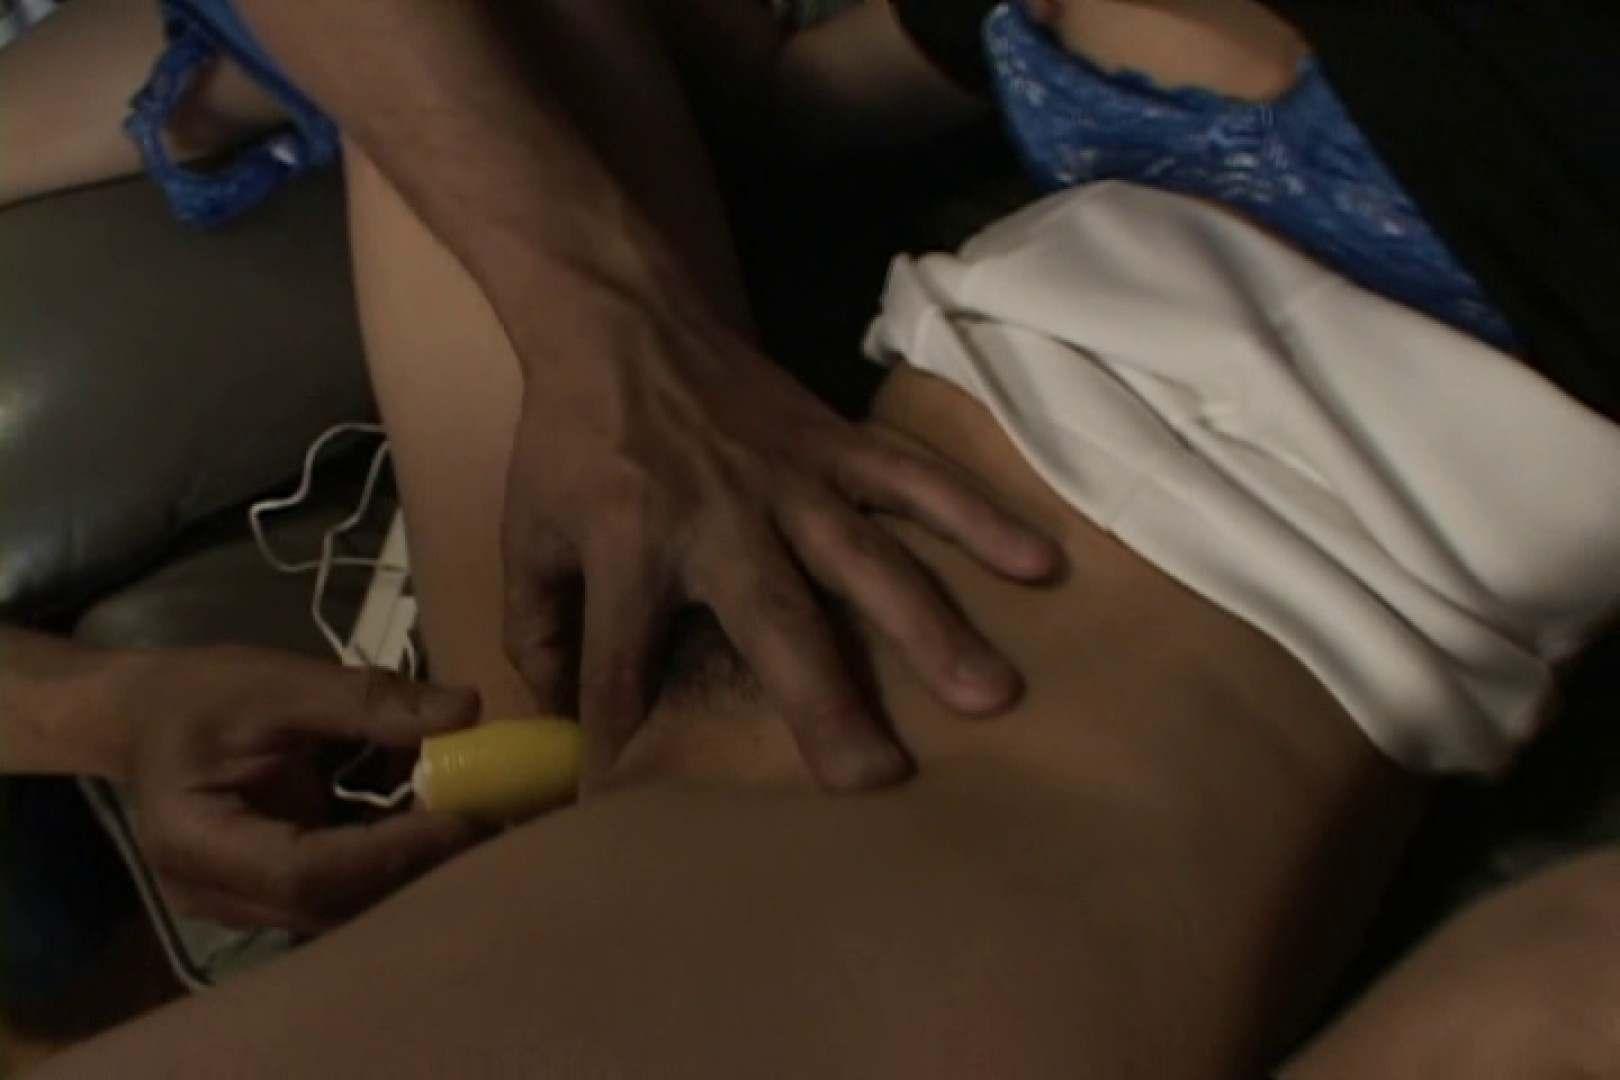 昼間の奥様は欲求不満 ~桜田&小山~ バイブDE興奮  76pic 55